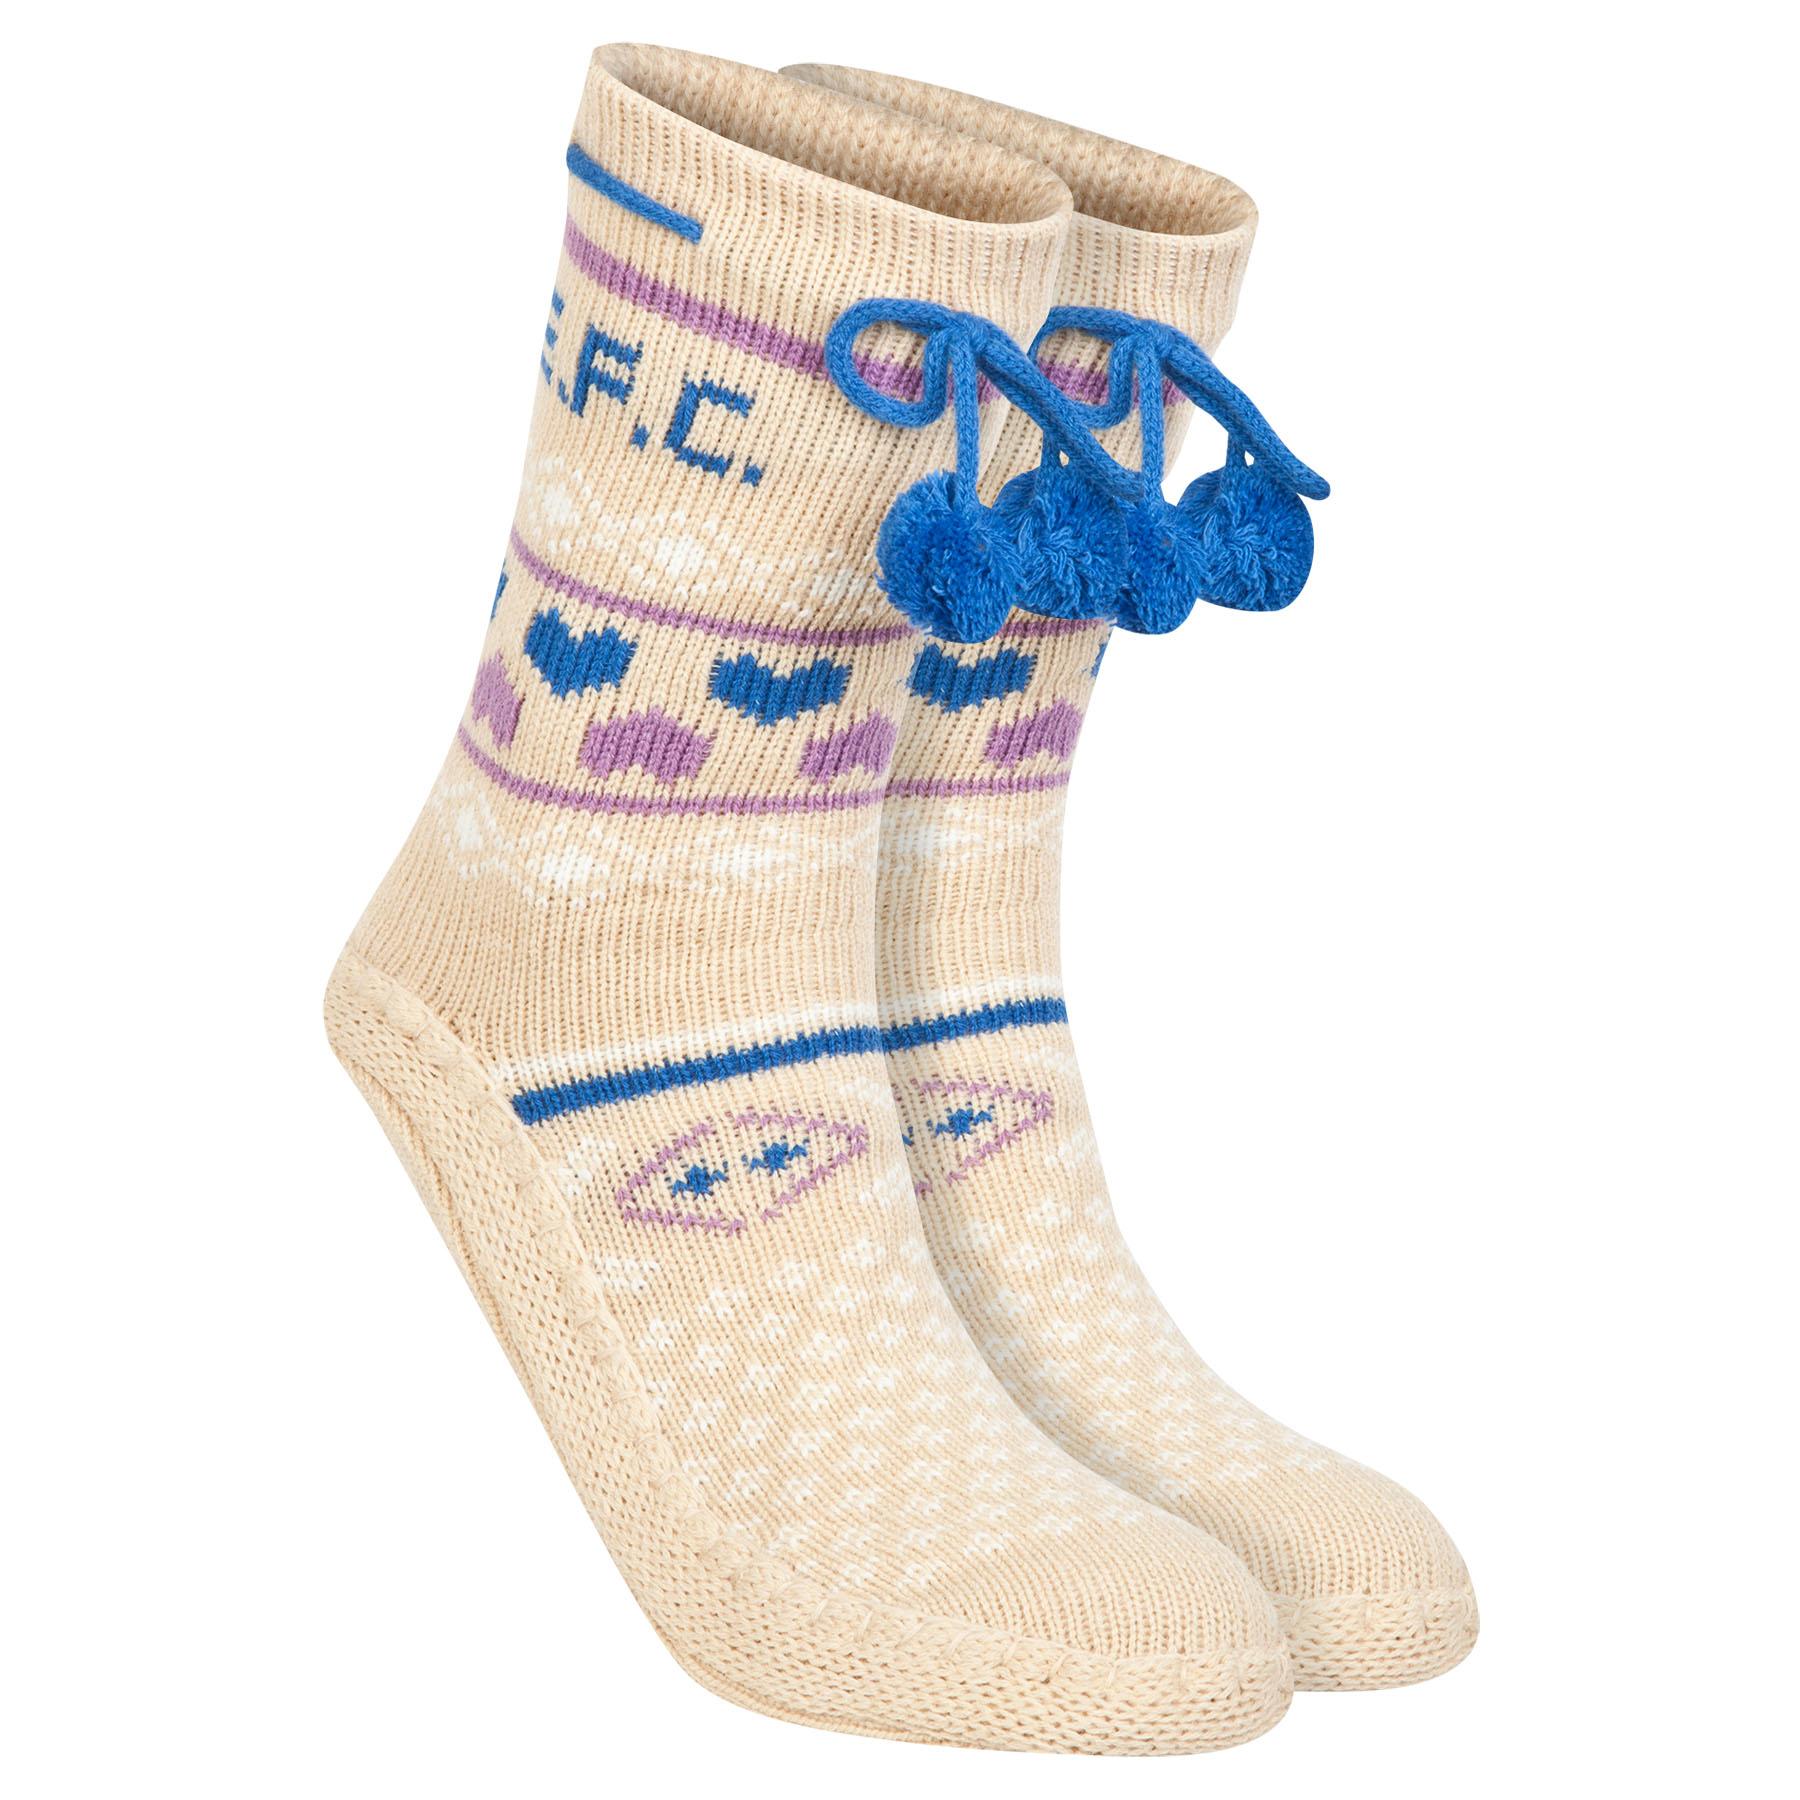 Everton Slipper Socks - Cream/Blue/Purple - Girls